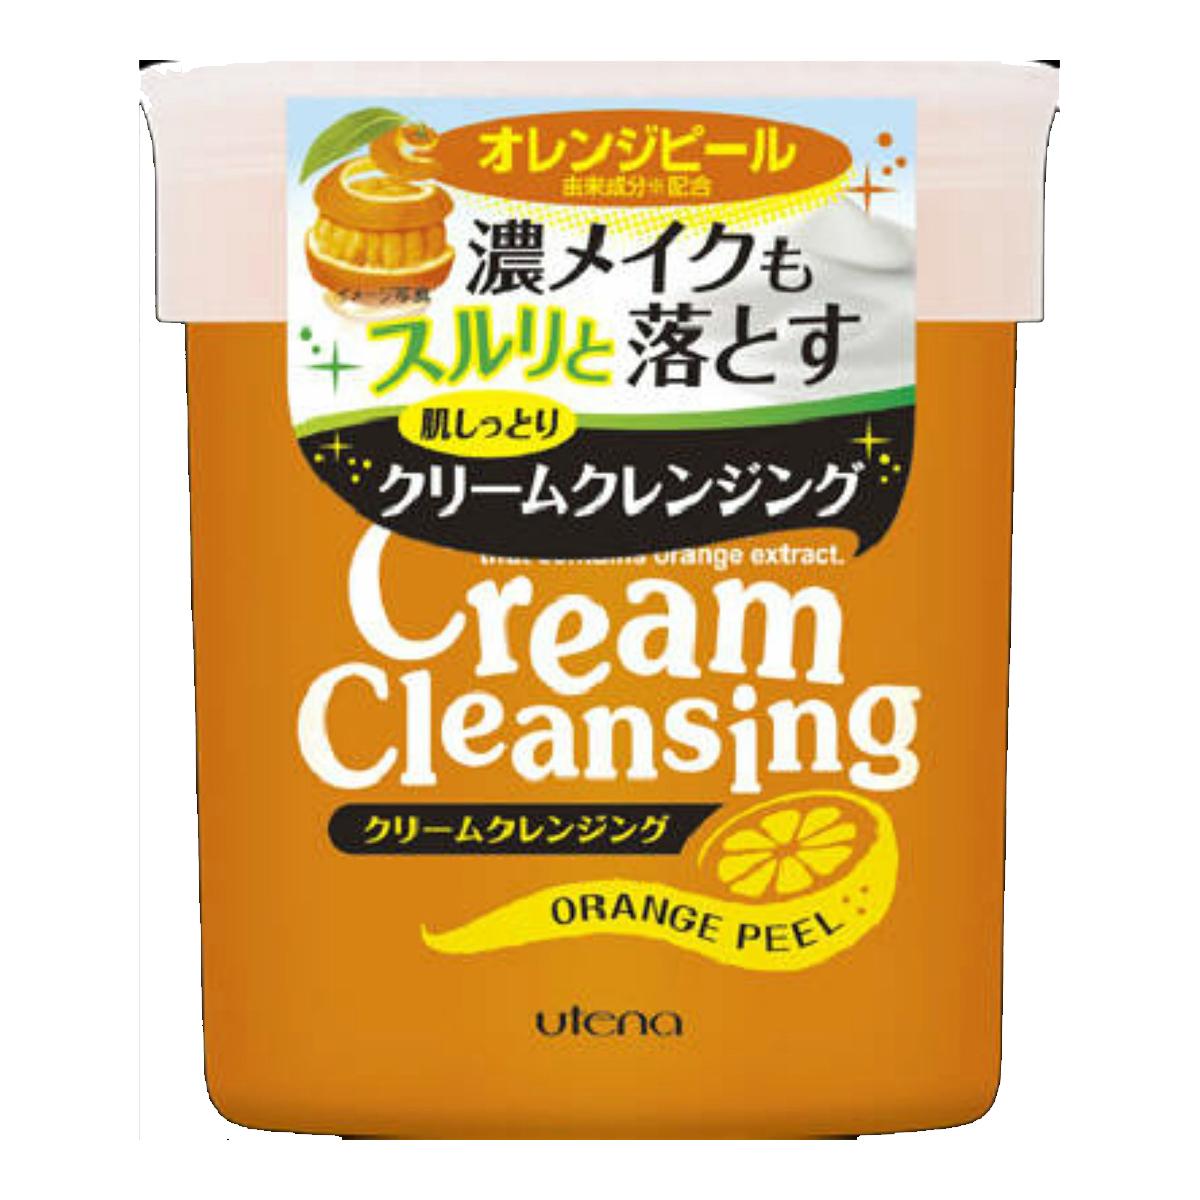 【24個で送料無料】ウテナ オープル クリームクレンジング ( オレンジピール由来成分配合 ) 280g ×24点セット ( 4901234312418 )